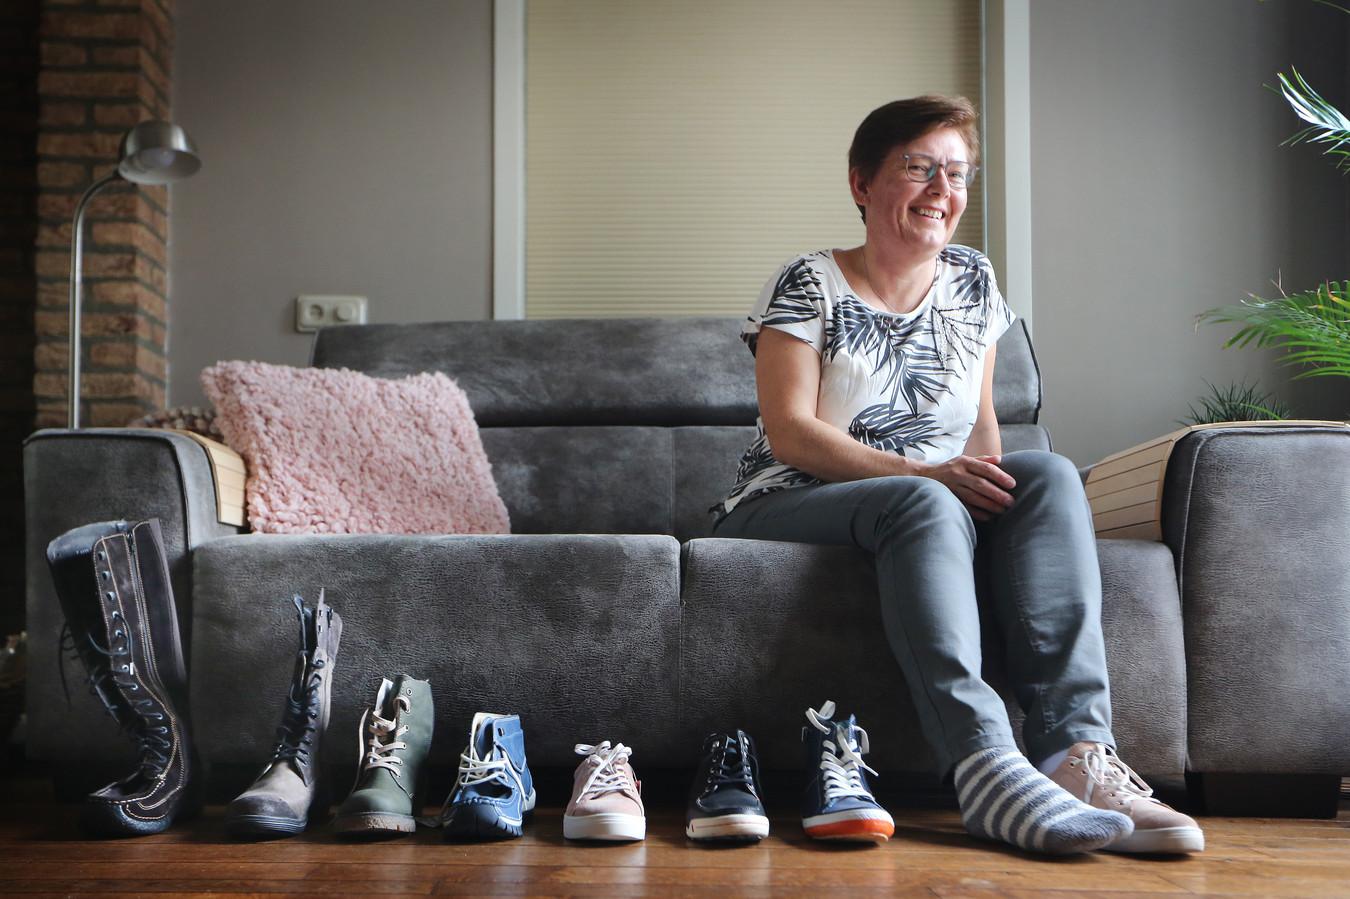 Rijen - Angèle Knaapen heeft het Complex Regionaal Pijn Syndroom (CRPS) en kan daardoor géén gewone schoenen aan haar rechtervoet verdragen. Iemand interesse in damesschoenen - enkel rechts - maatje veertig?